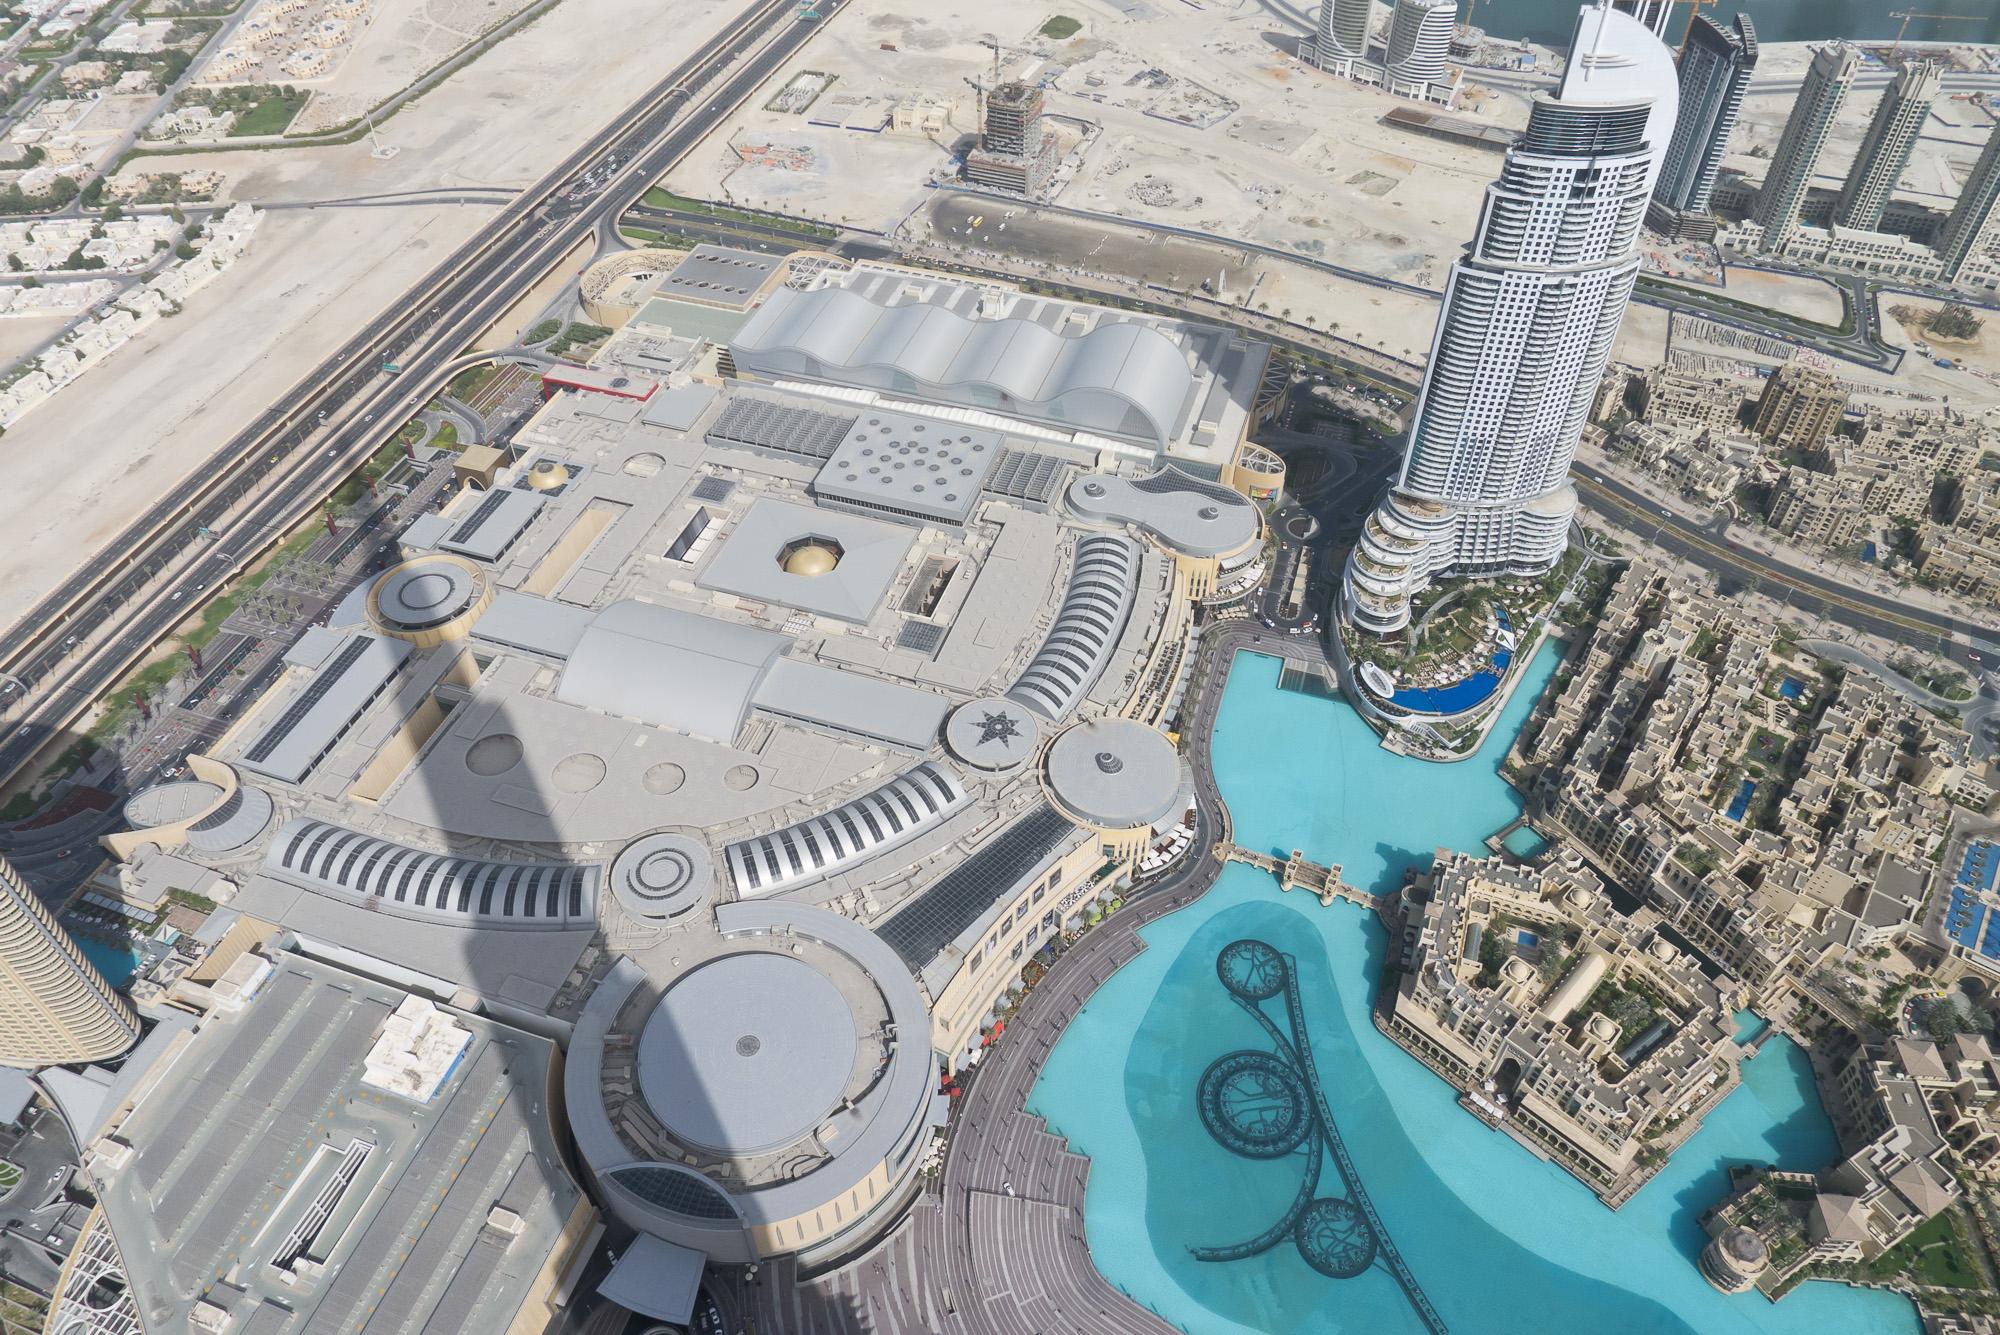 From Burj observation deck